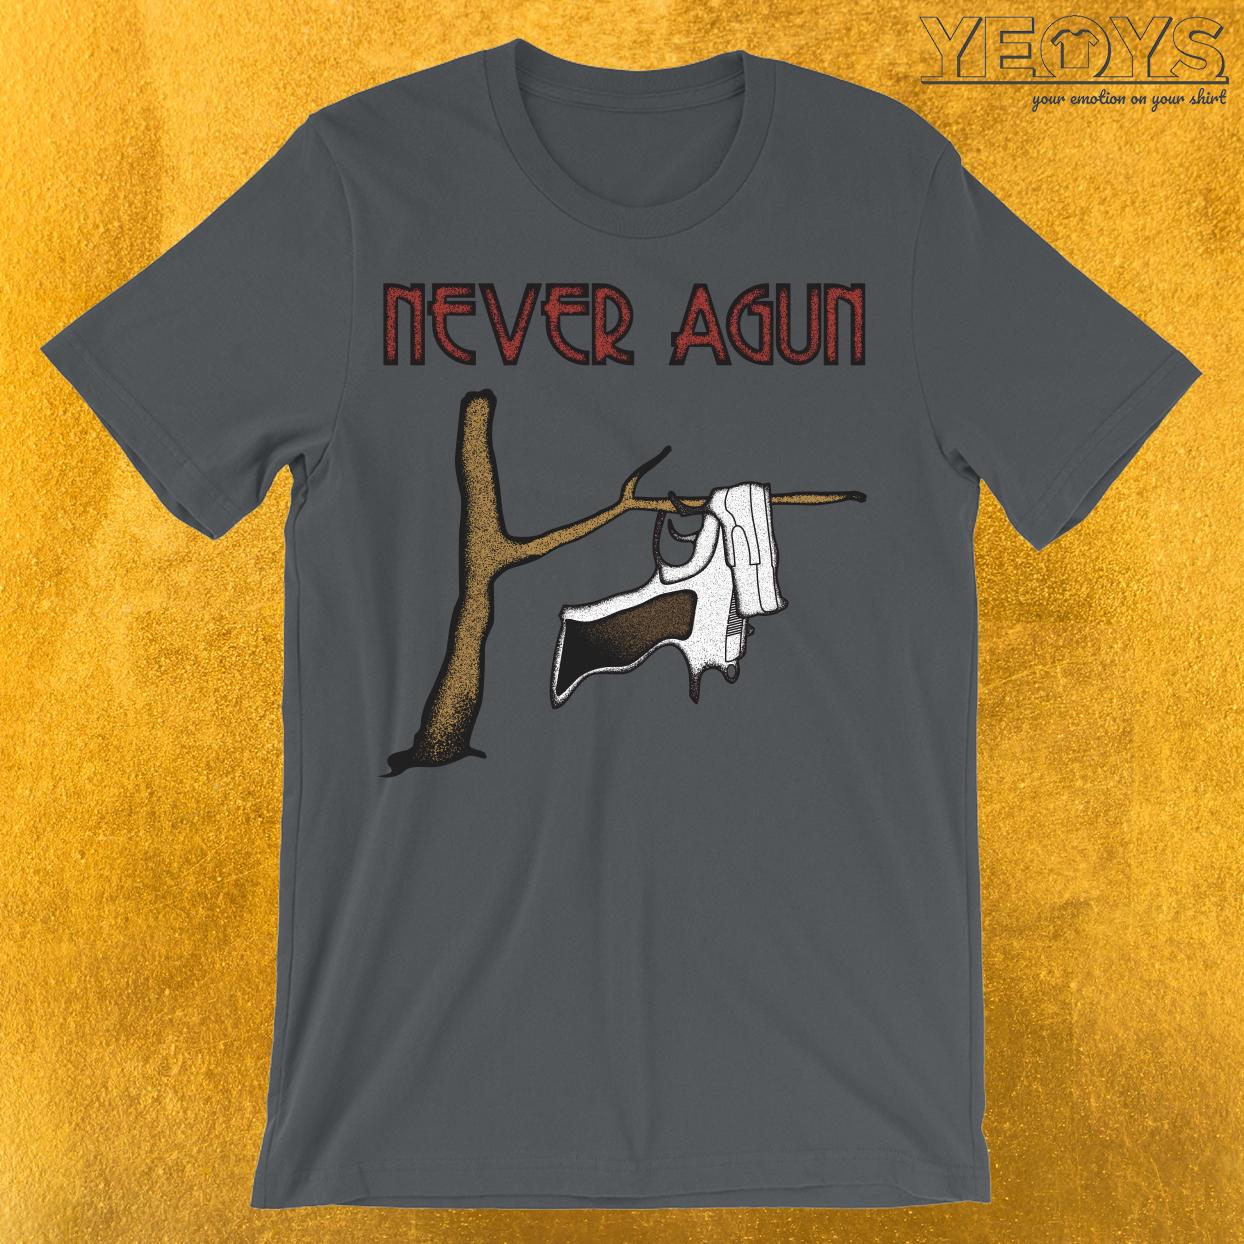 Melting Guns T-Shirt